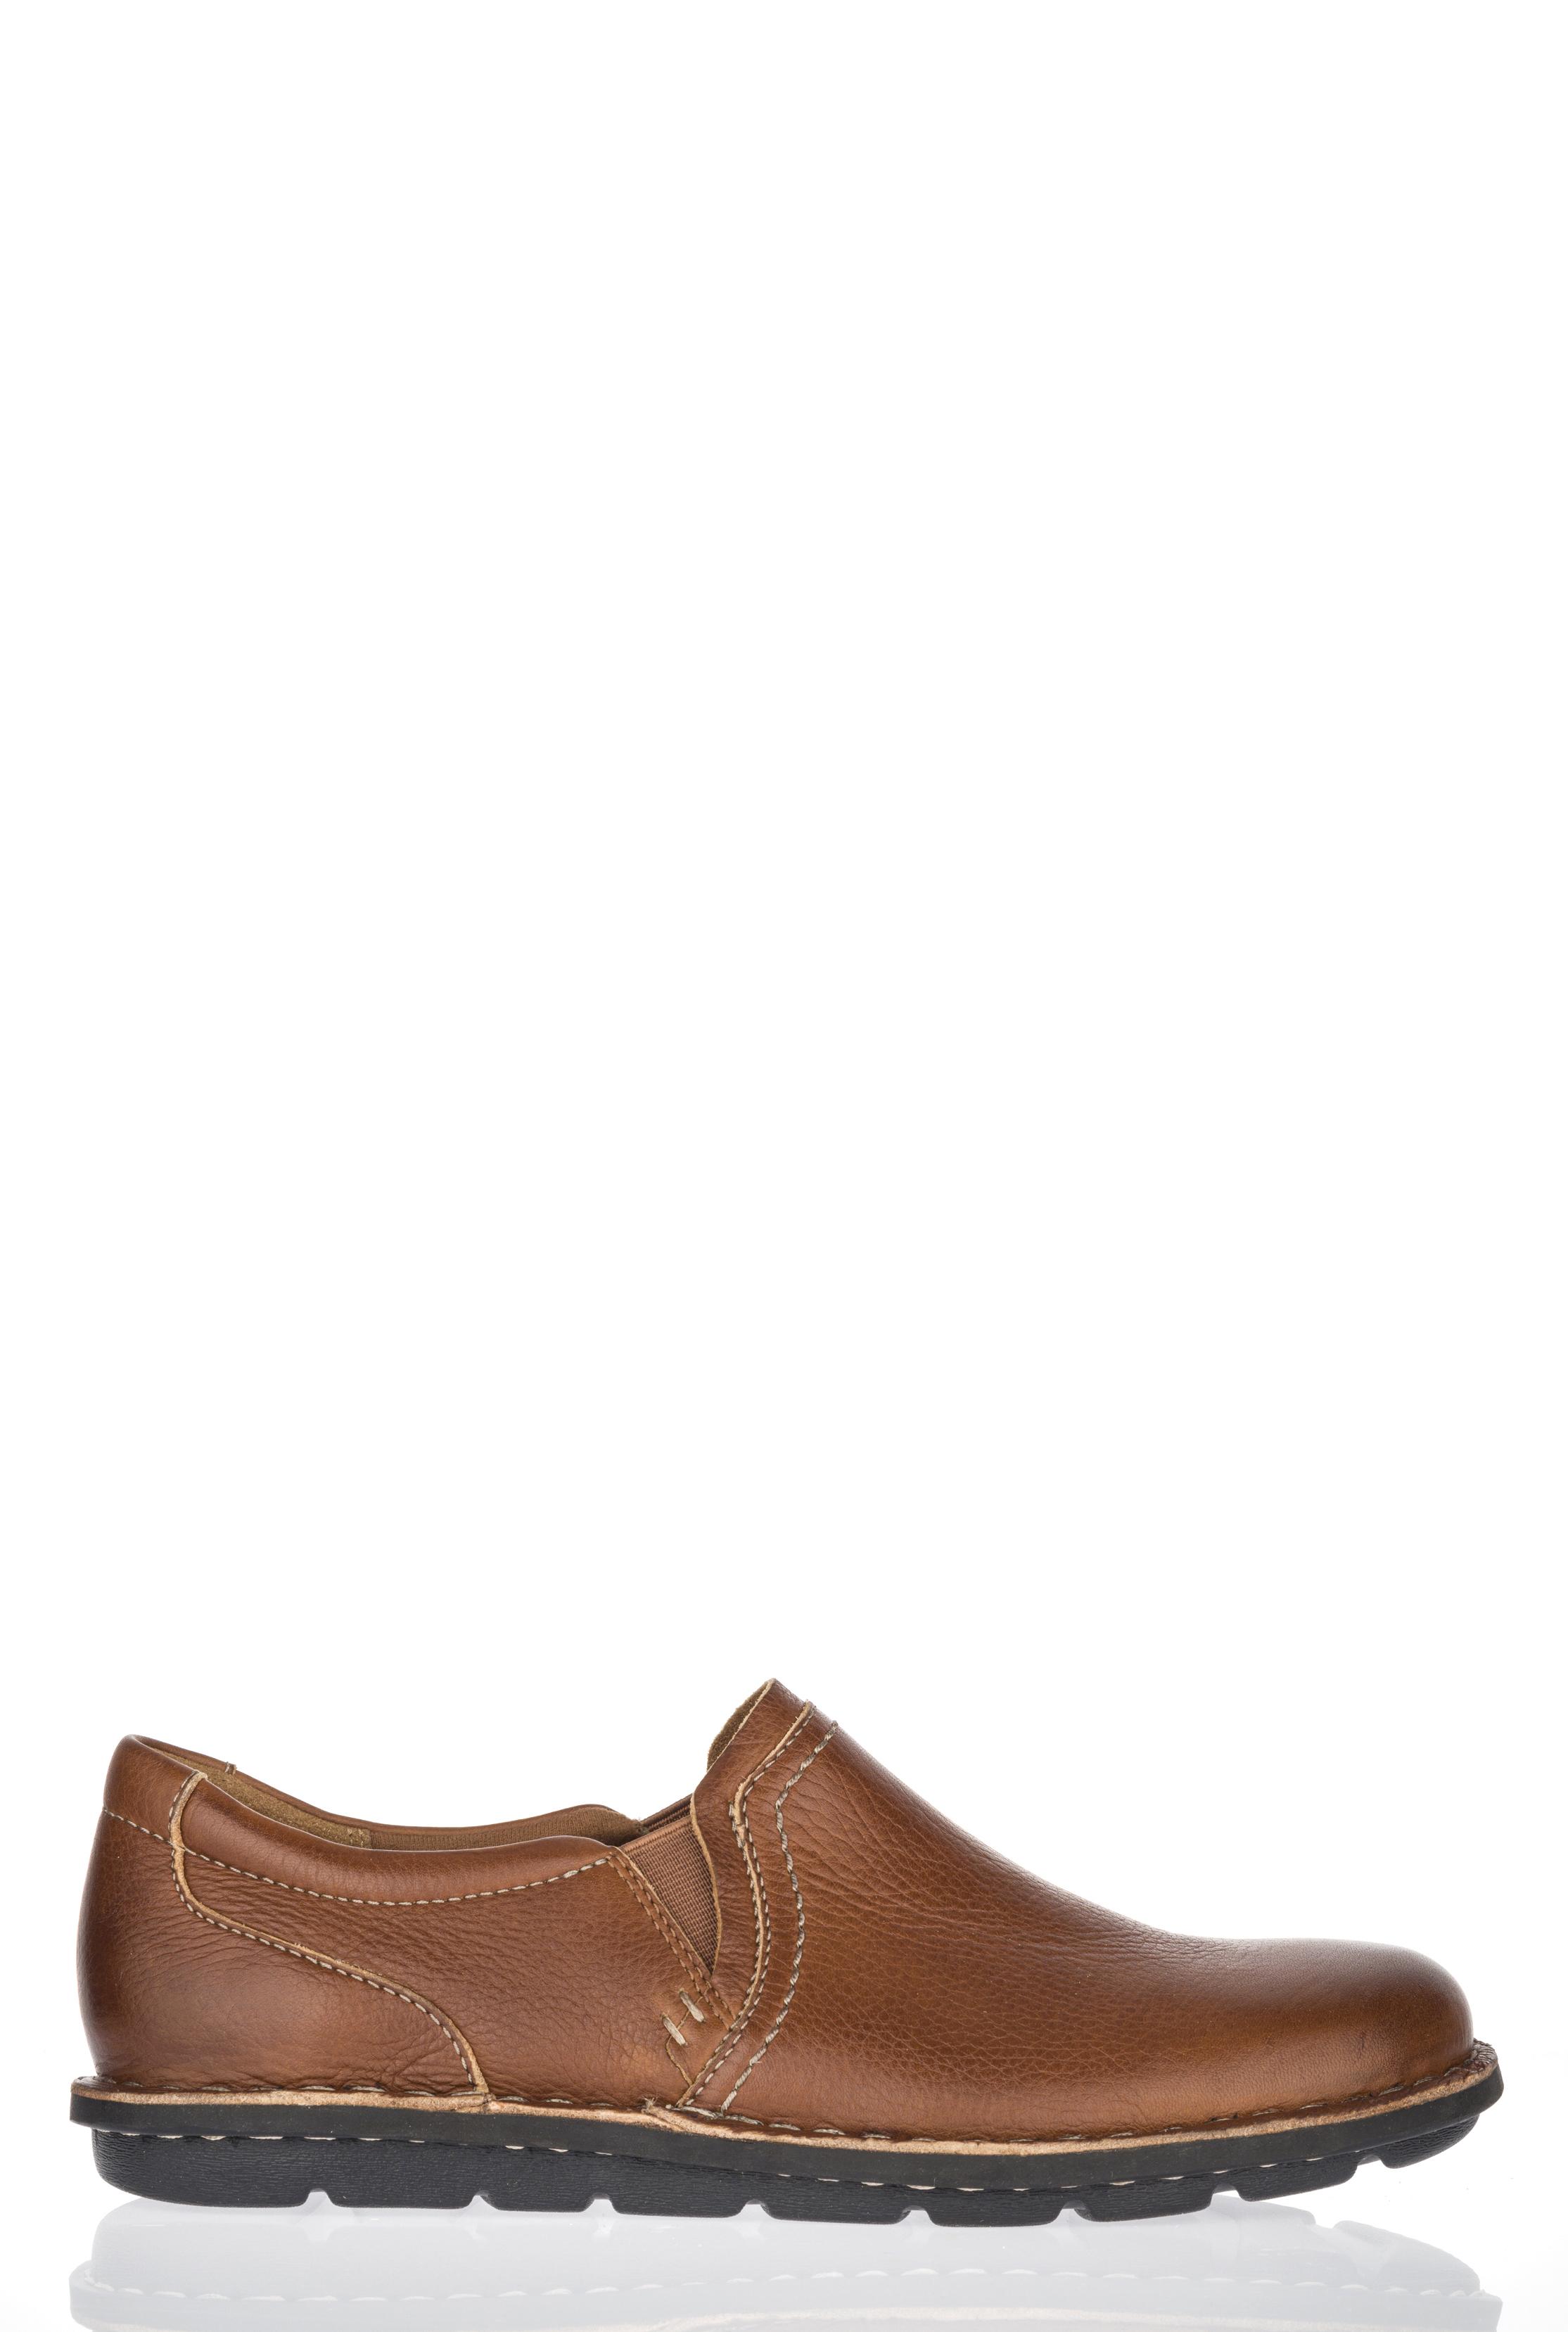 Clarks Janice Barrie Tan Flat Shoe